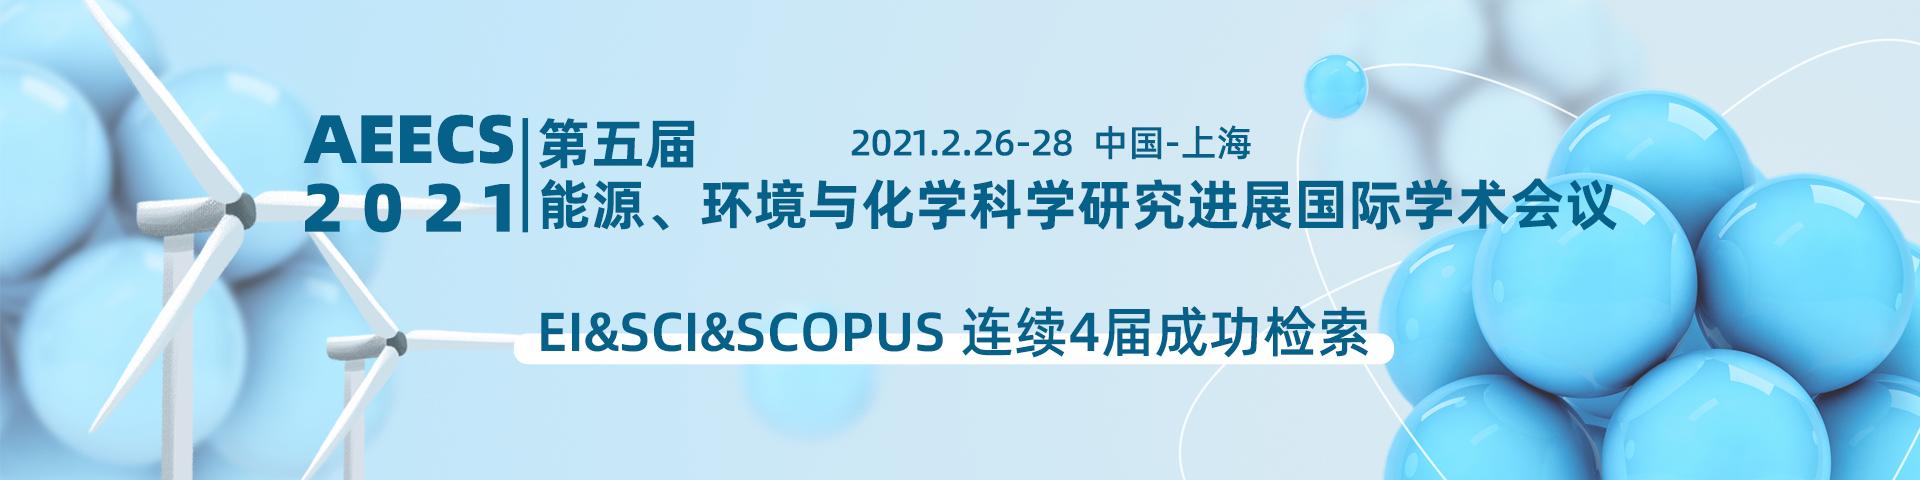 AEECS 2021-会议官网banner中版-何霞丽-0901.jpg